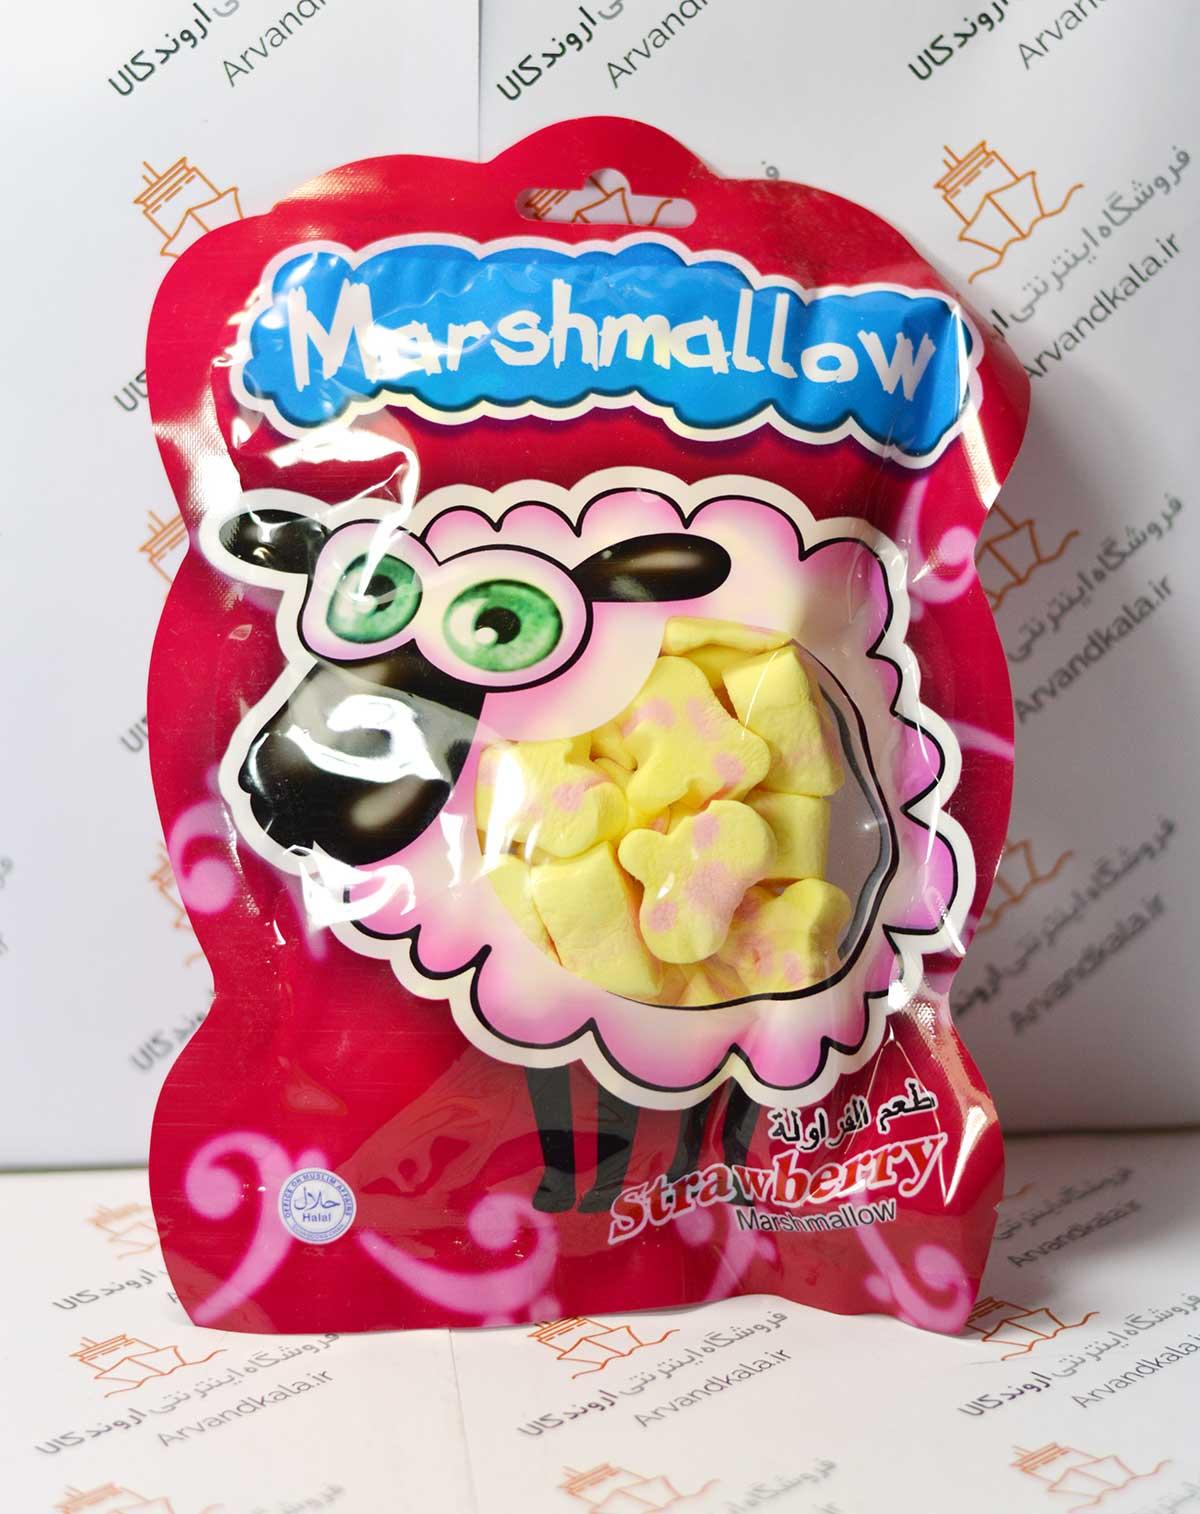 مارشمالو marshmallow